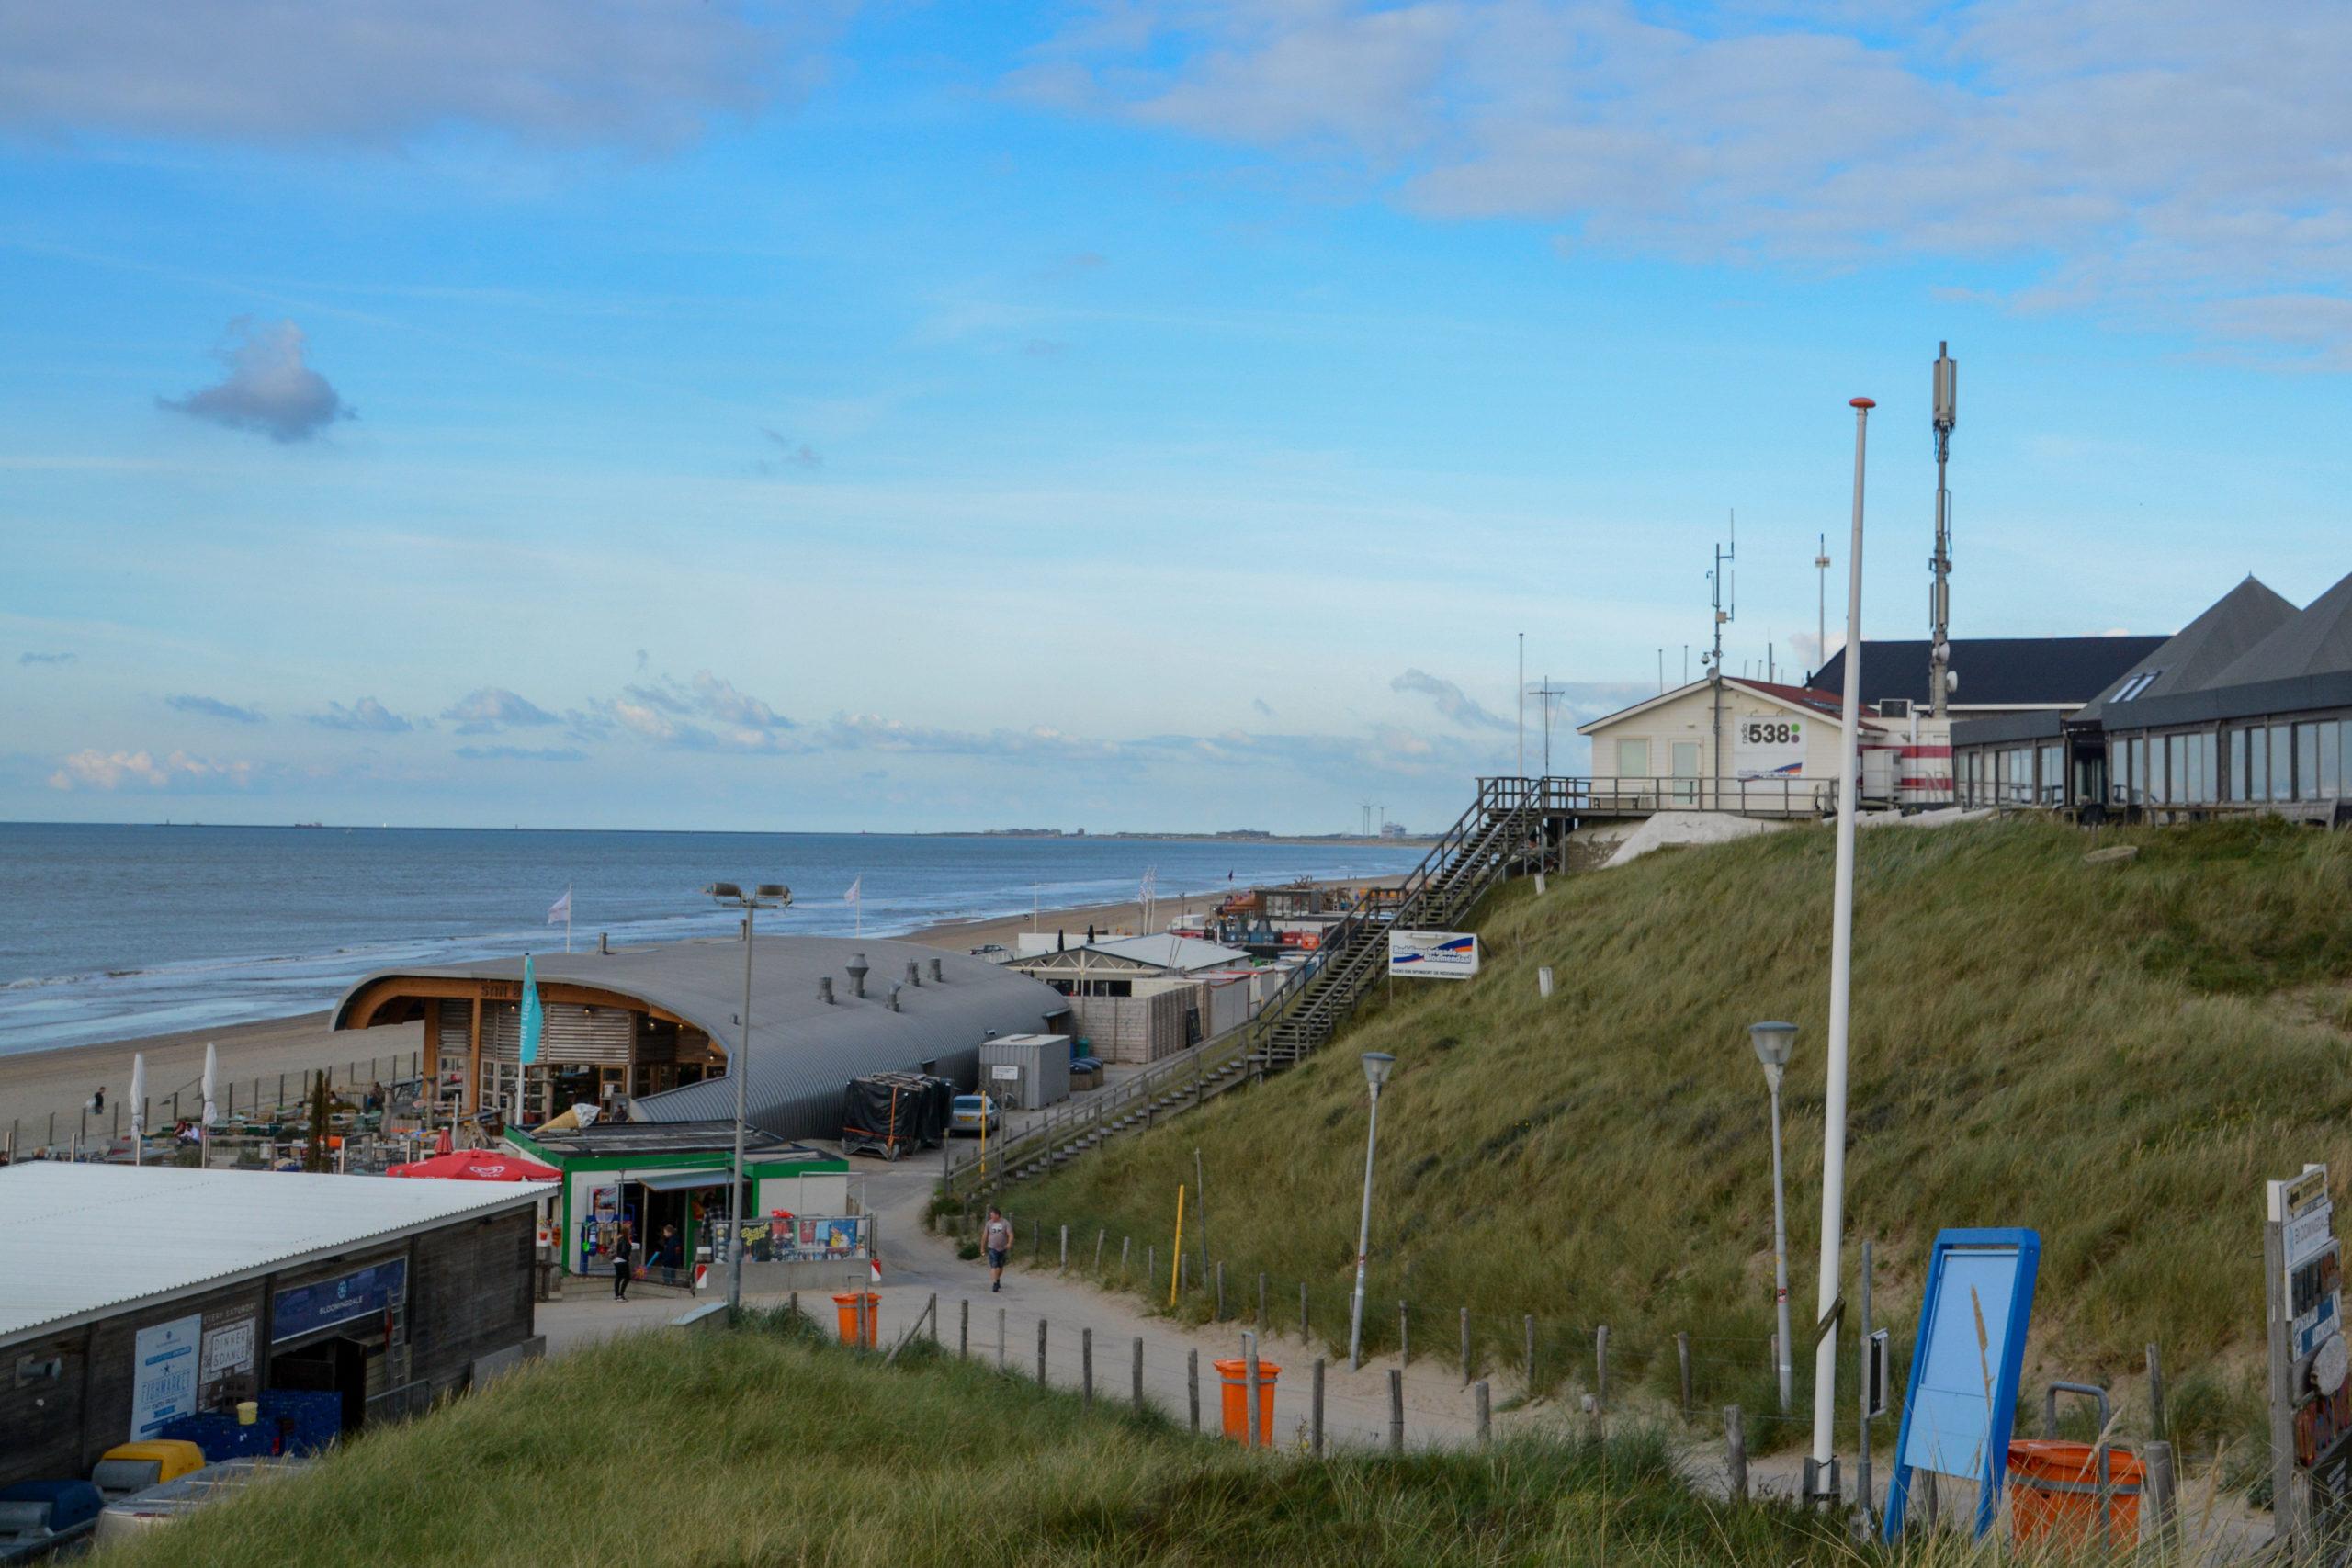 Blick auf die Strandpavillons und die Nordsee bei Bloemendaal an Zee